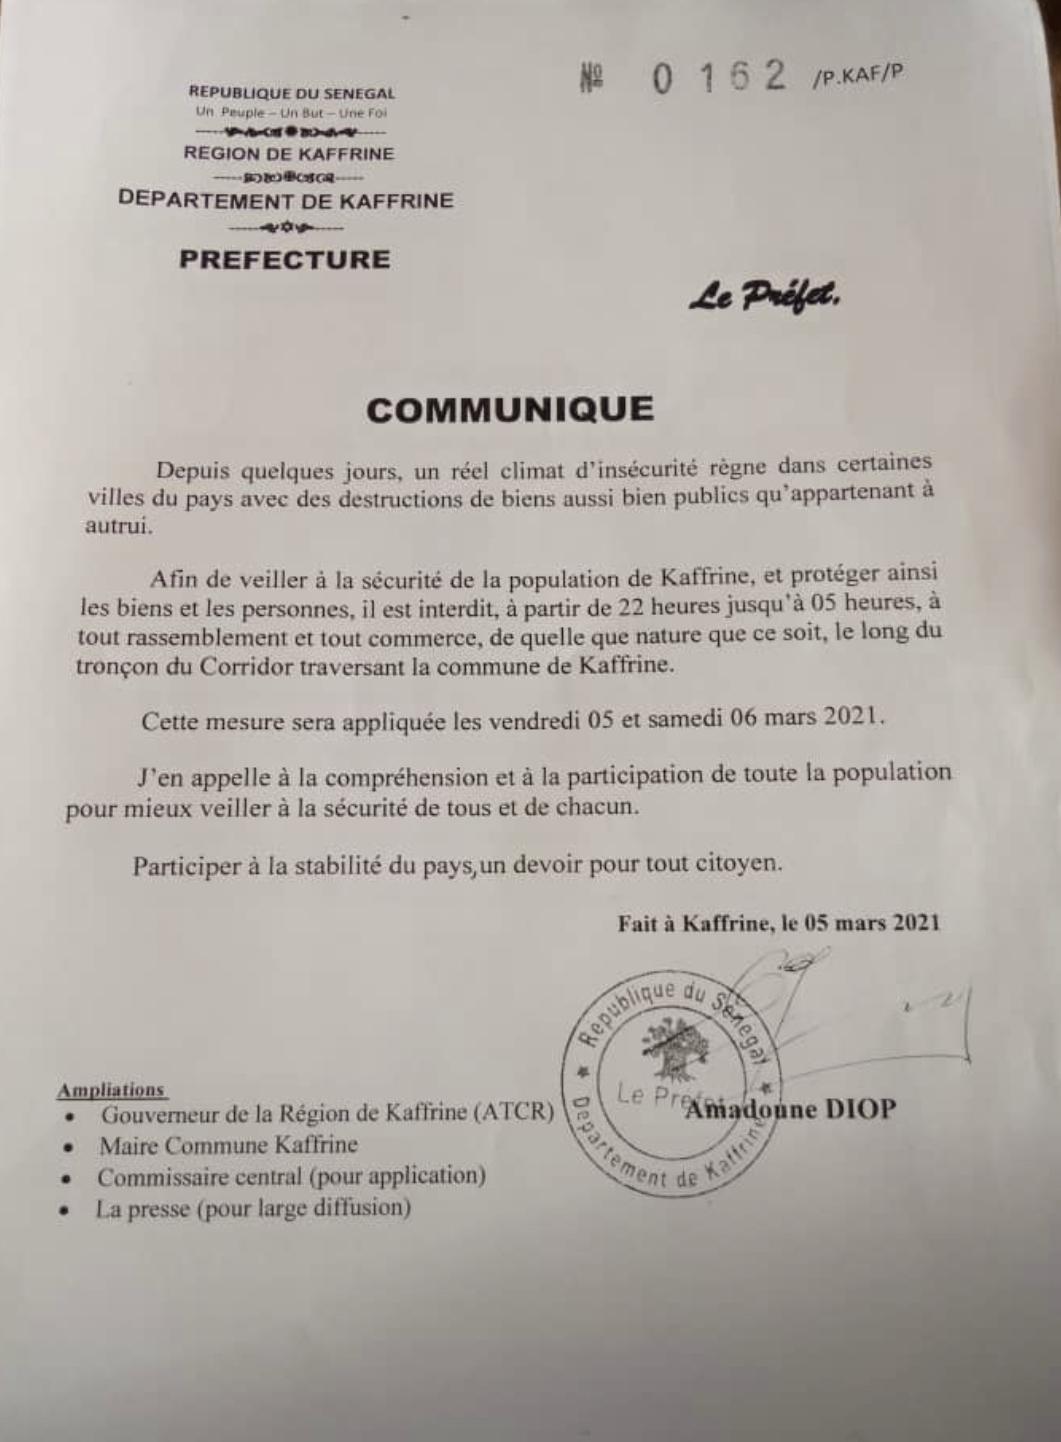 Kaffrine : Le préfet interdit tout rassemblement à partir de 22 heures jusqu'à 05 heures du matin (document).